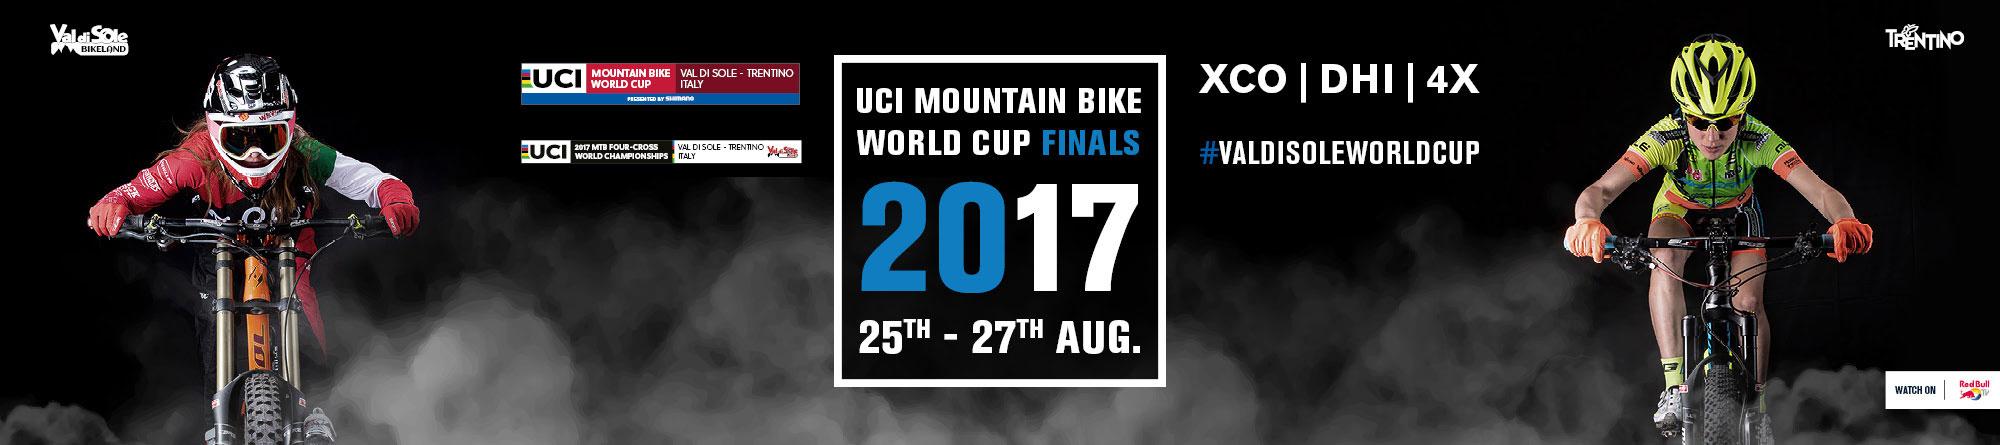 Classifiche - Coppa del Mondo MTB 2017 XCO | DHI | 4X